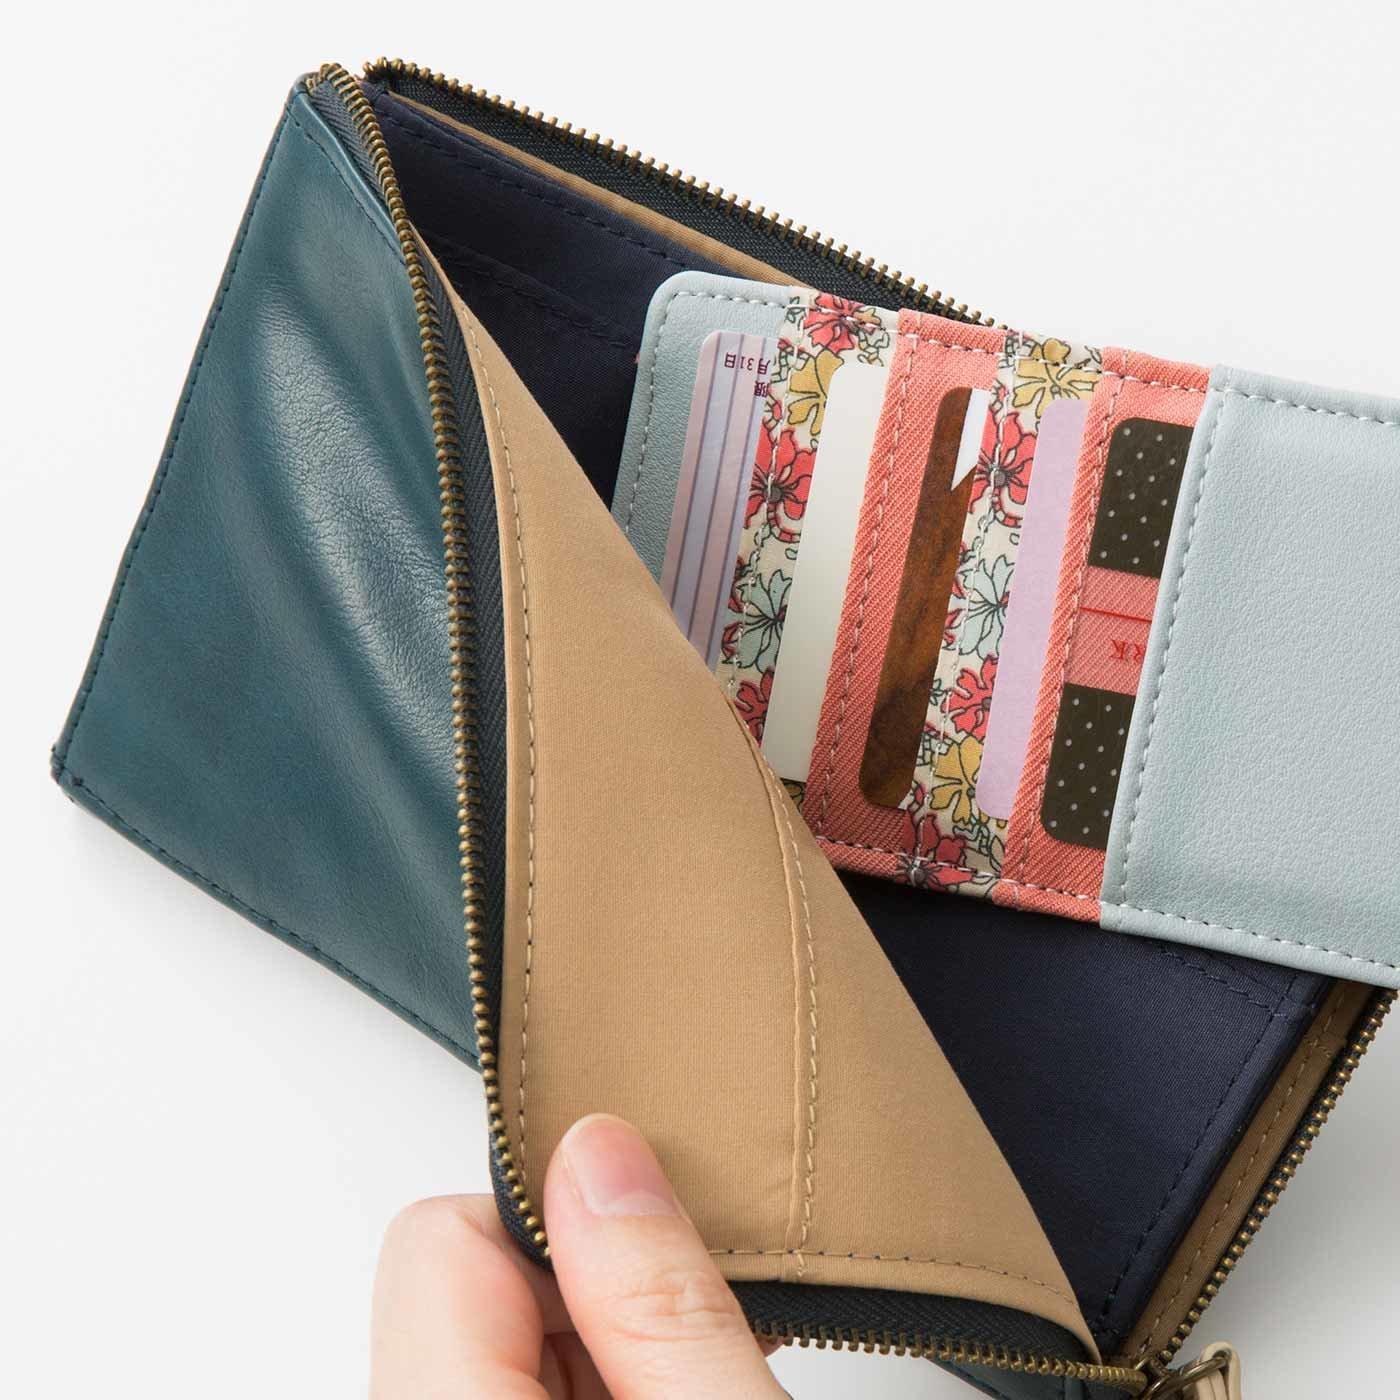 Squee! お財布美人の必需品 クリアポケット付き花柄インナーカードケースの会